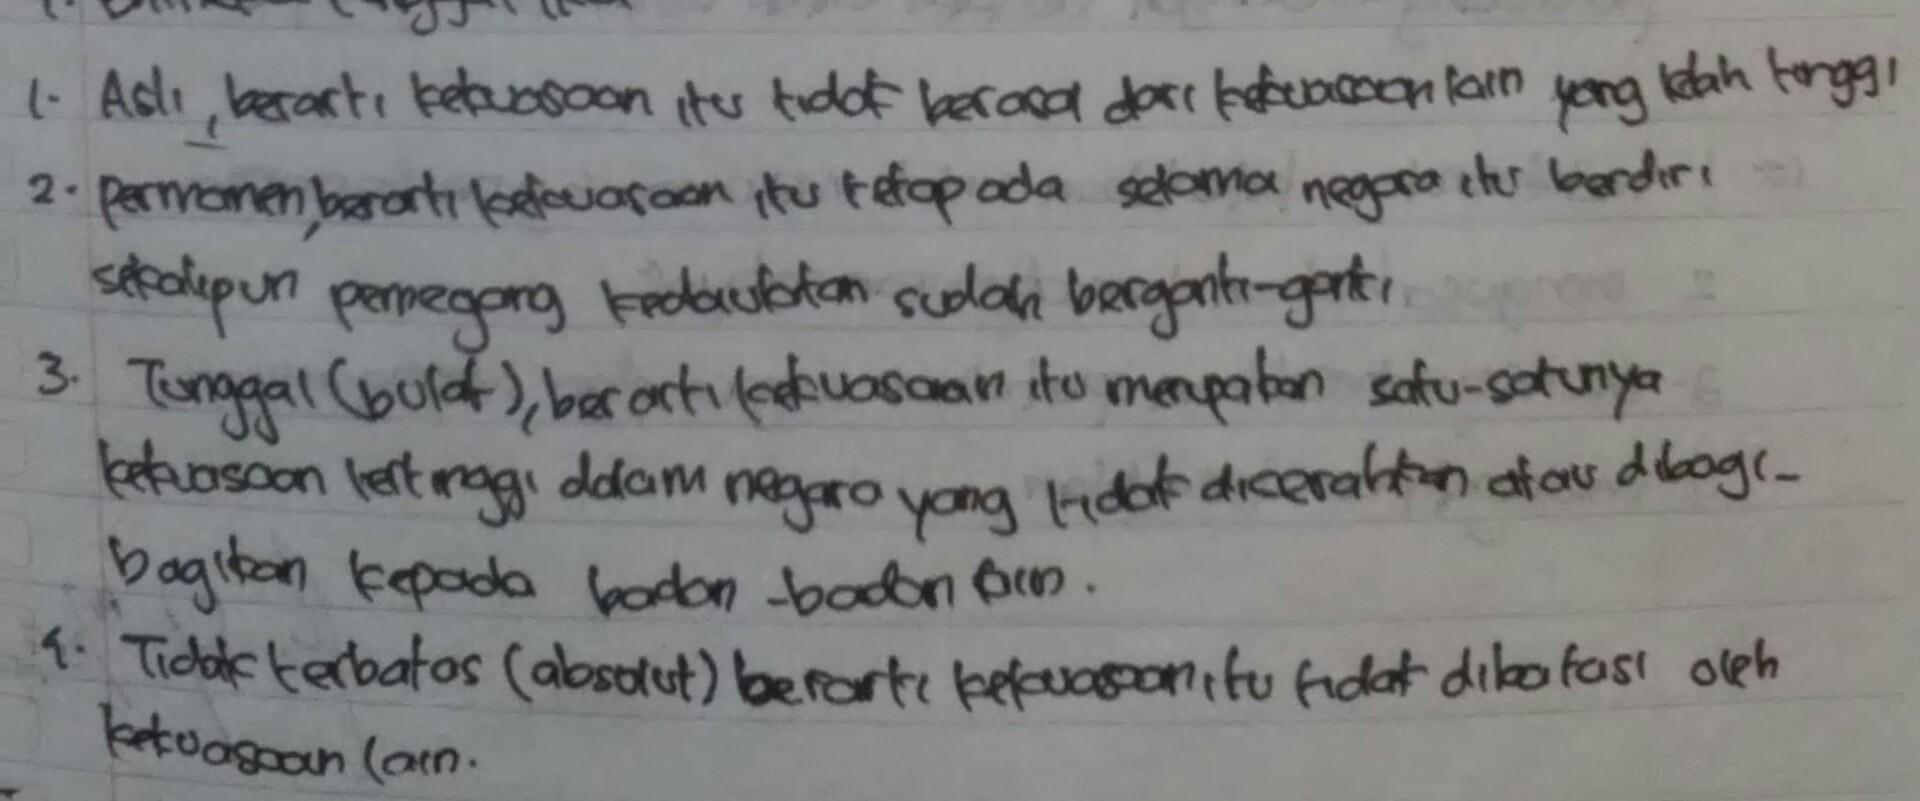 jelaskan 4 sifat kedaulatan rakyat,kesatuan(unite),Bulat ...